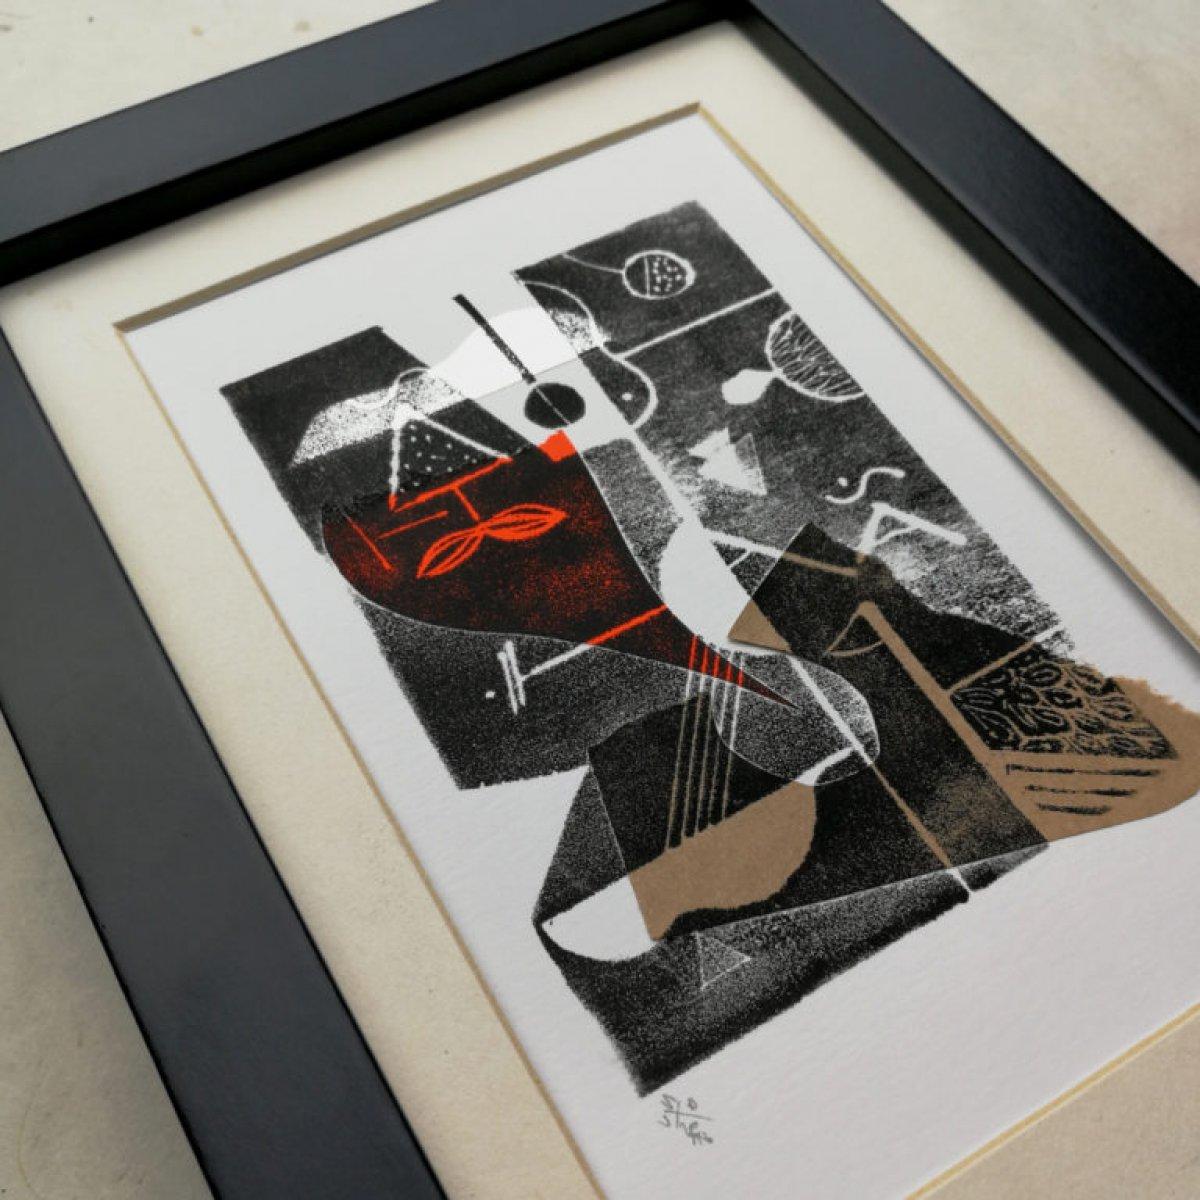 S. Parapluie, S. Moustache, Gravure et collage – papier 200 gr.